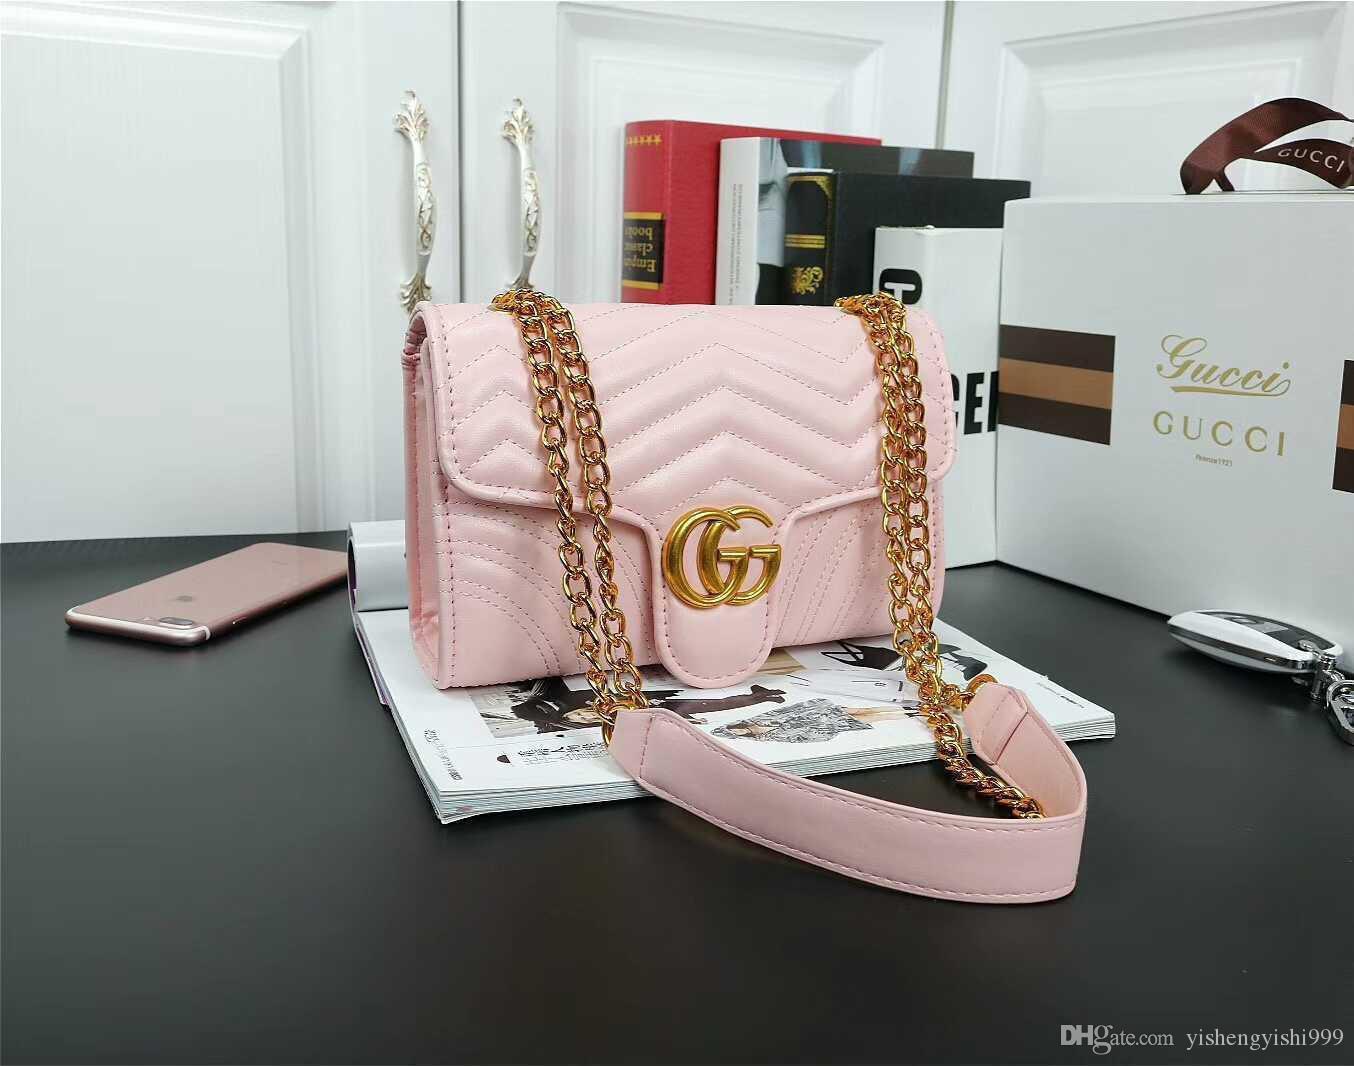 Hot Designer Handtaschen Geldbörsen Frauen Umhängetasche Schulter-Kuriertasche mit Fransen Kette Tasche Brieftasche Handtaschen Totes # 53664